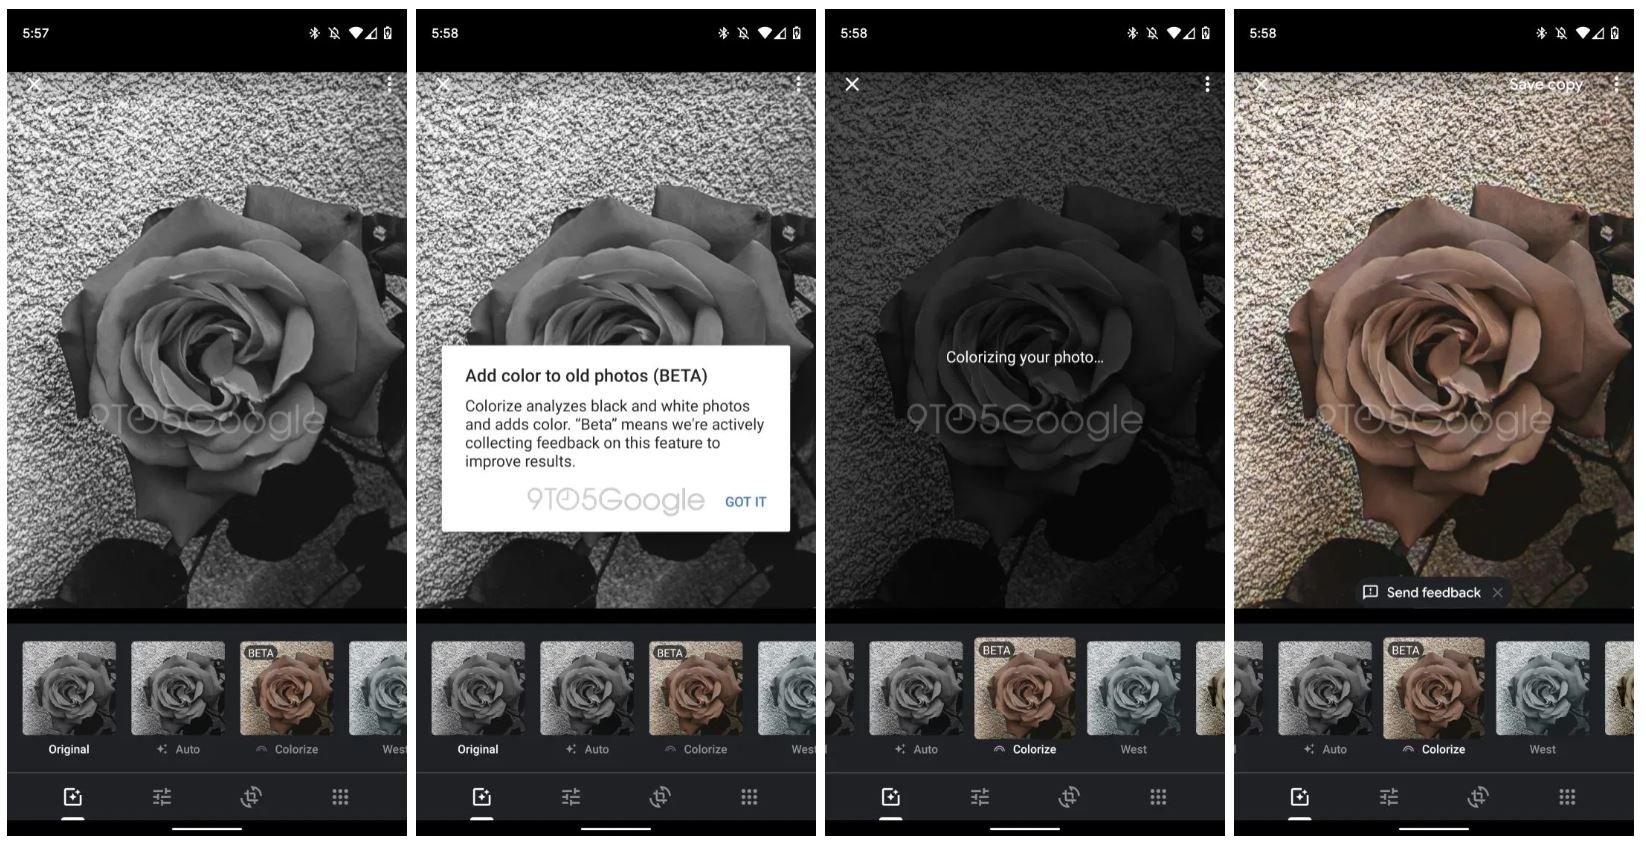 Google Fotos Colorize Screenshot